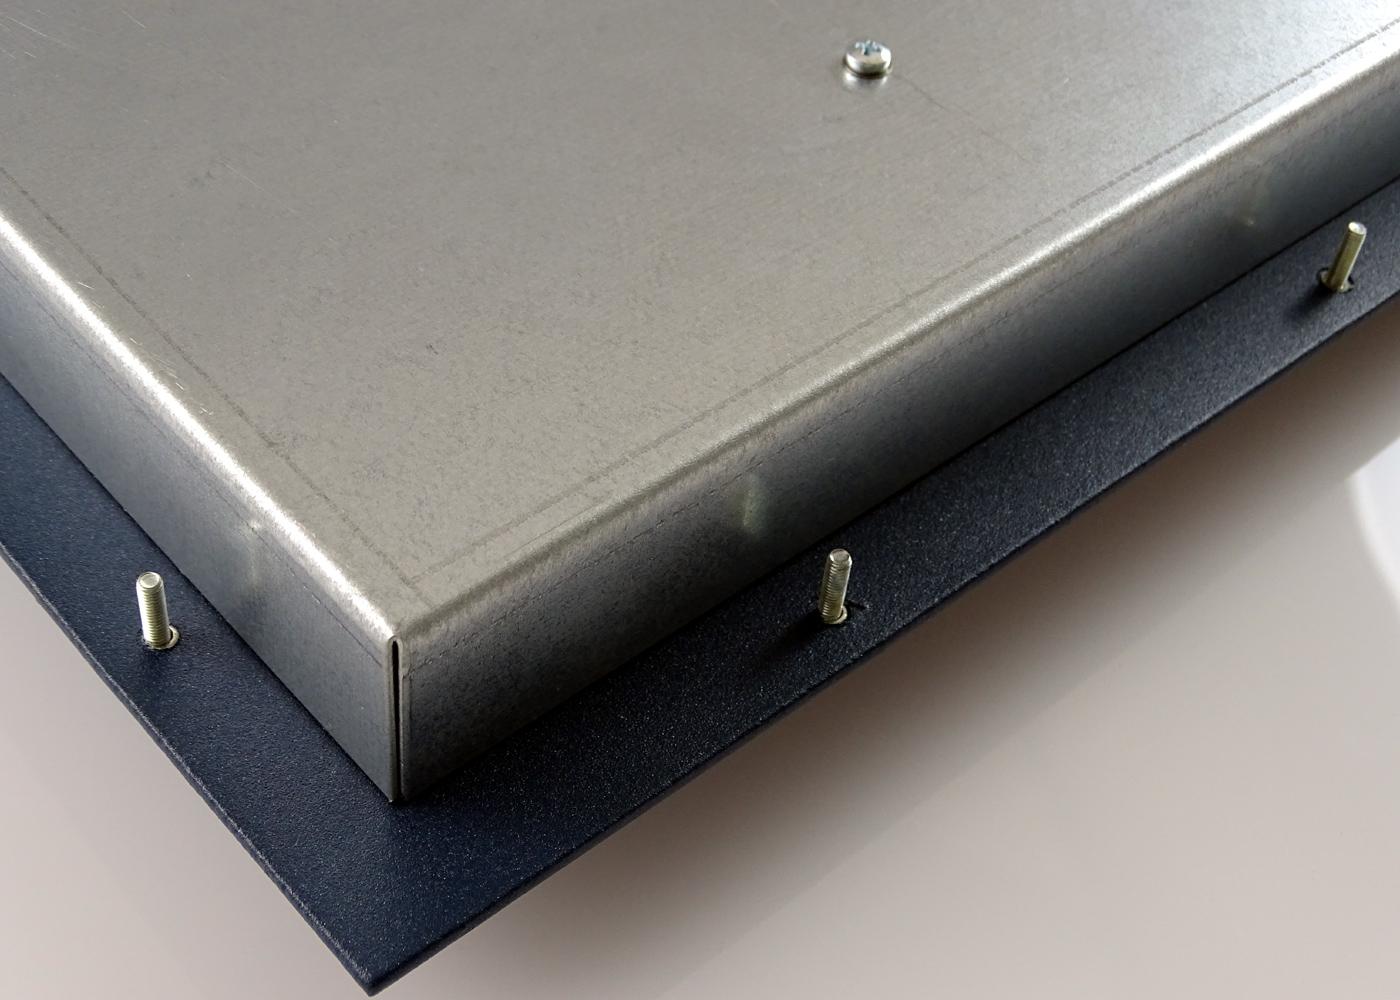 Clavier industriel 105 touches intégrable par l'avant avec trackball 38mm – Détail fixations